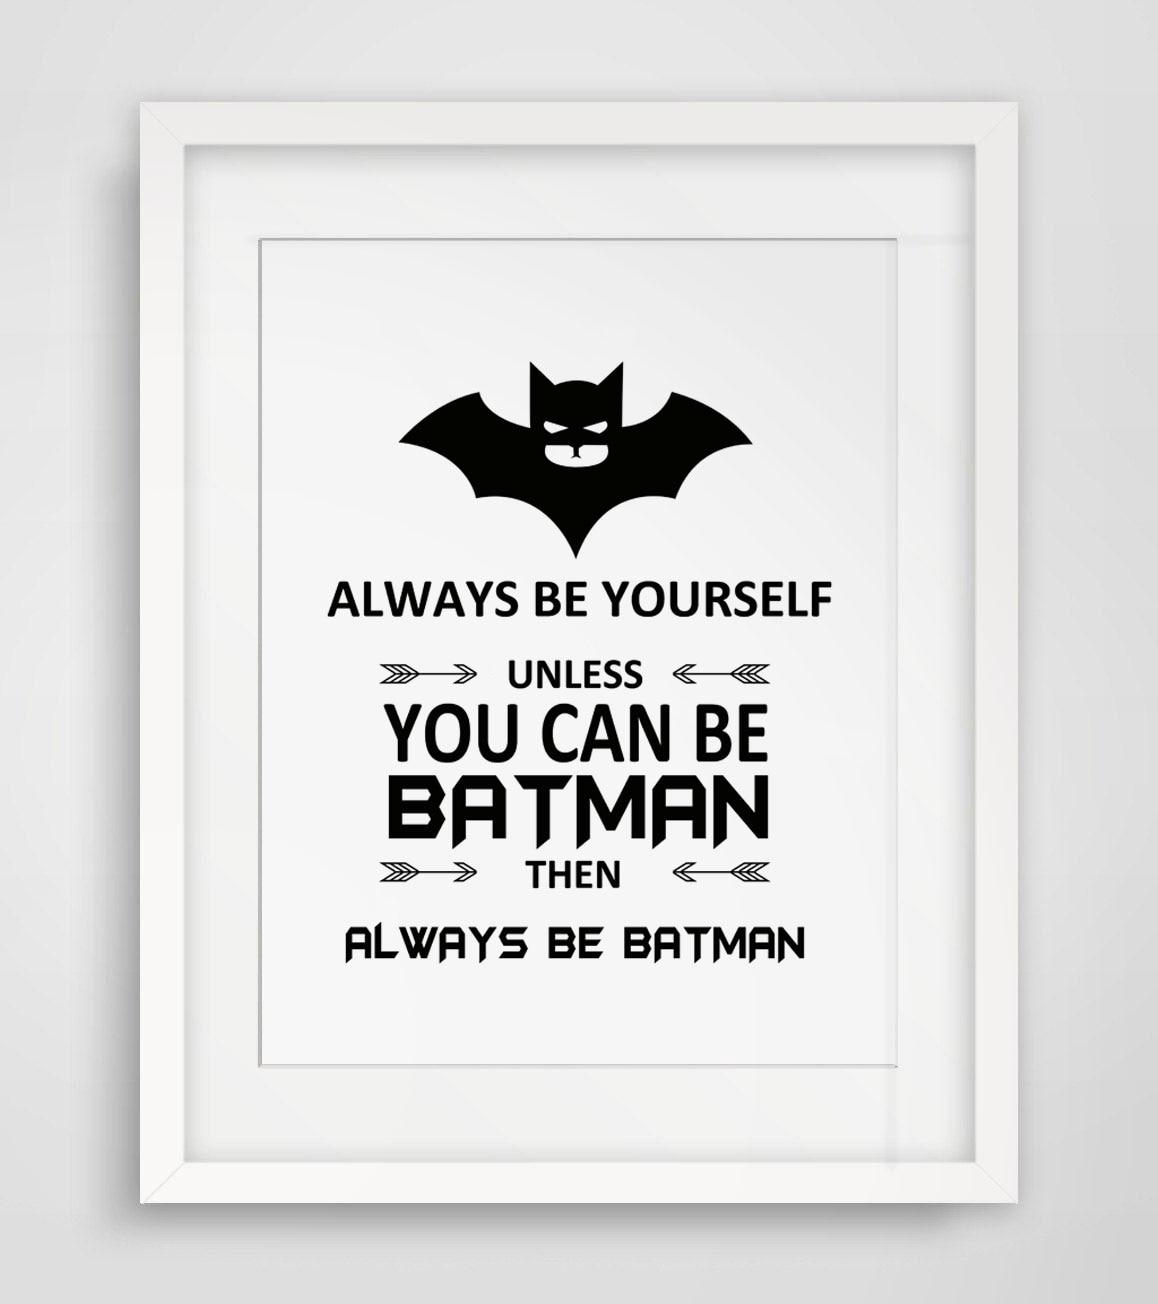 Immer Selbst Wenn Sie Kann Batman Dann Immer werden Batman Zitate ...